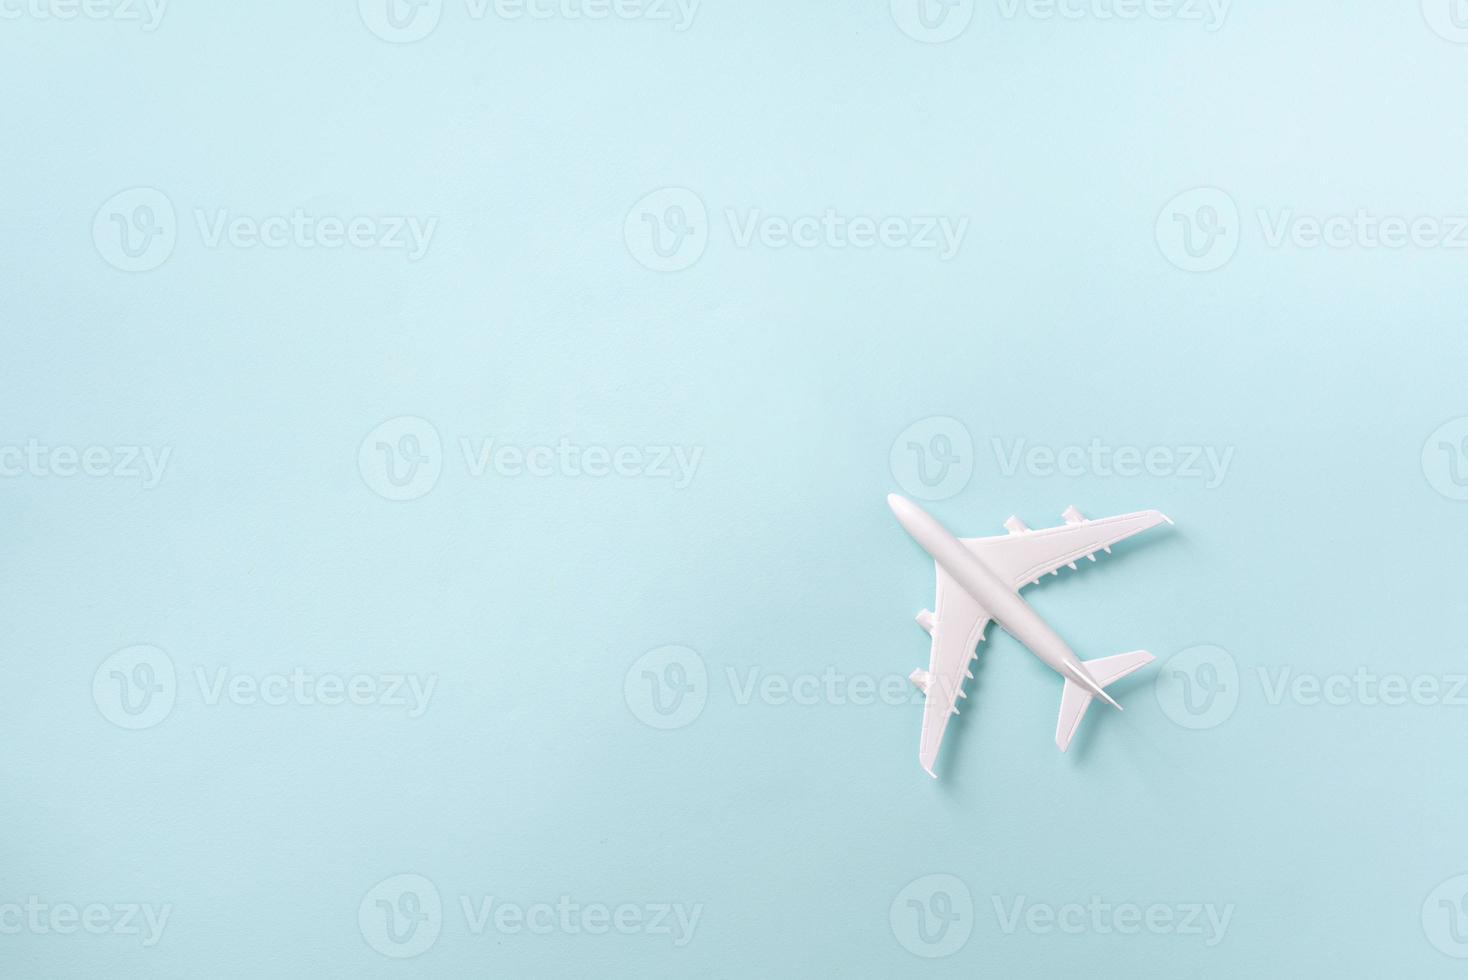 avión blanco, avión sobre fondo de color azul pastel con espacio de copia. vista superior, endecha plana. diseño de estilo minimalista. viajes, concepto de vacaciones foto